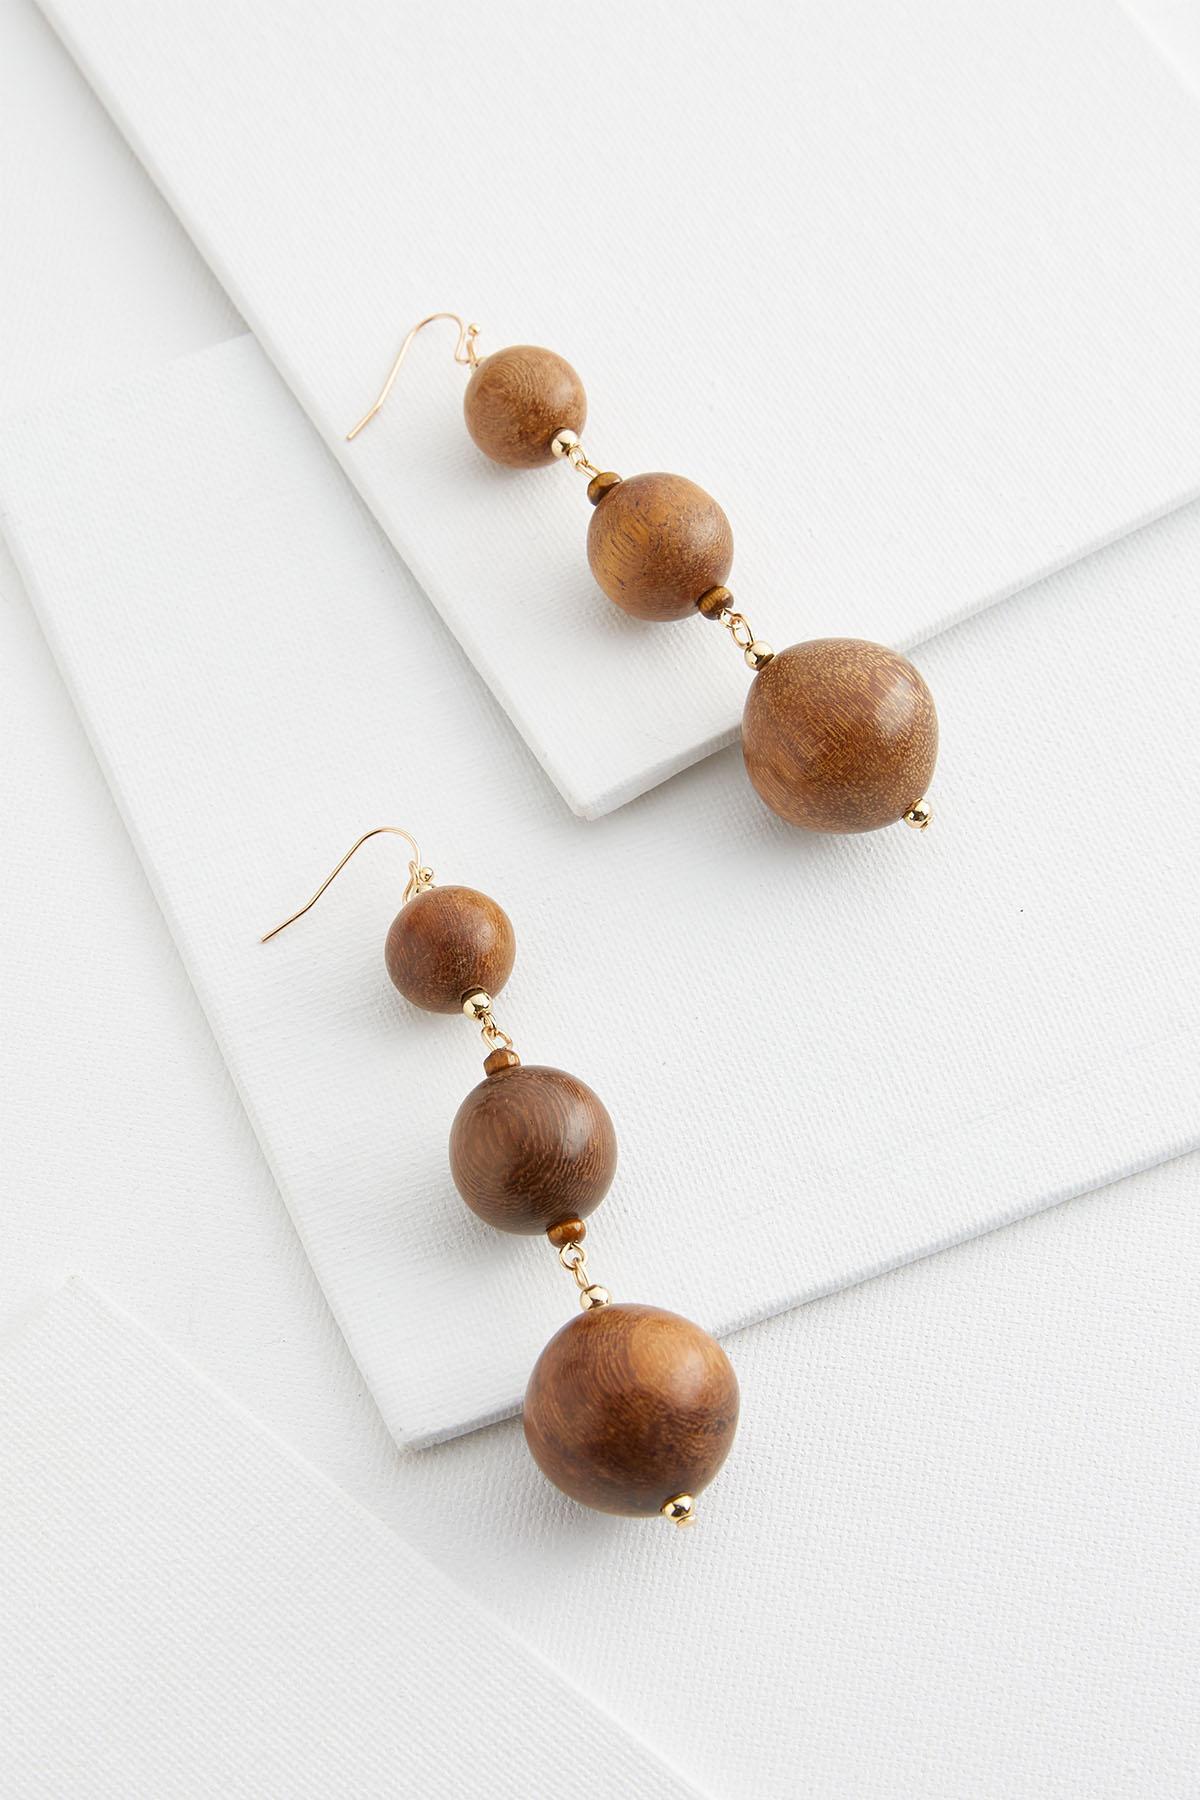 Graduated Wooden Sphere Earrings